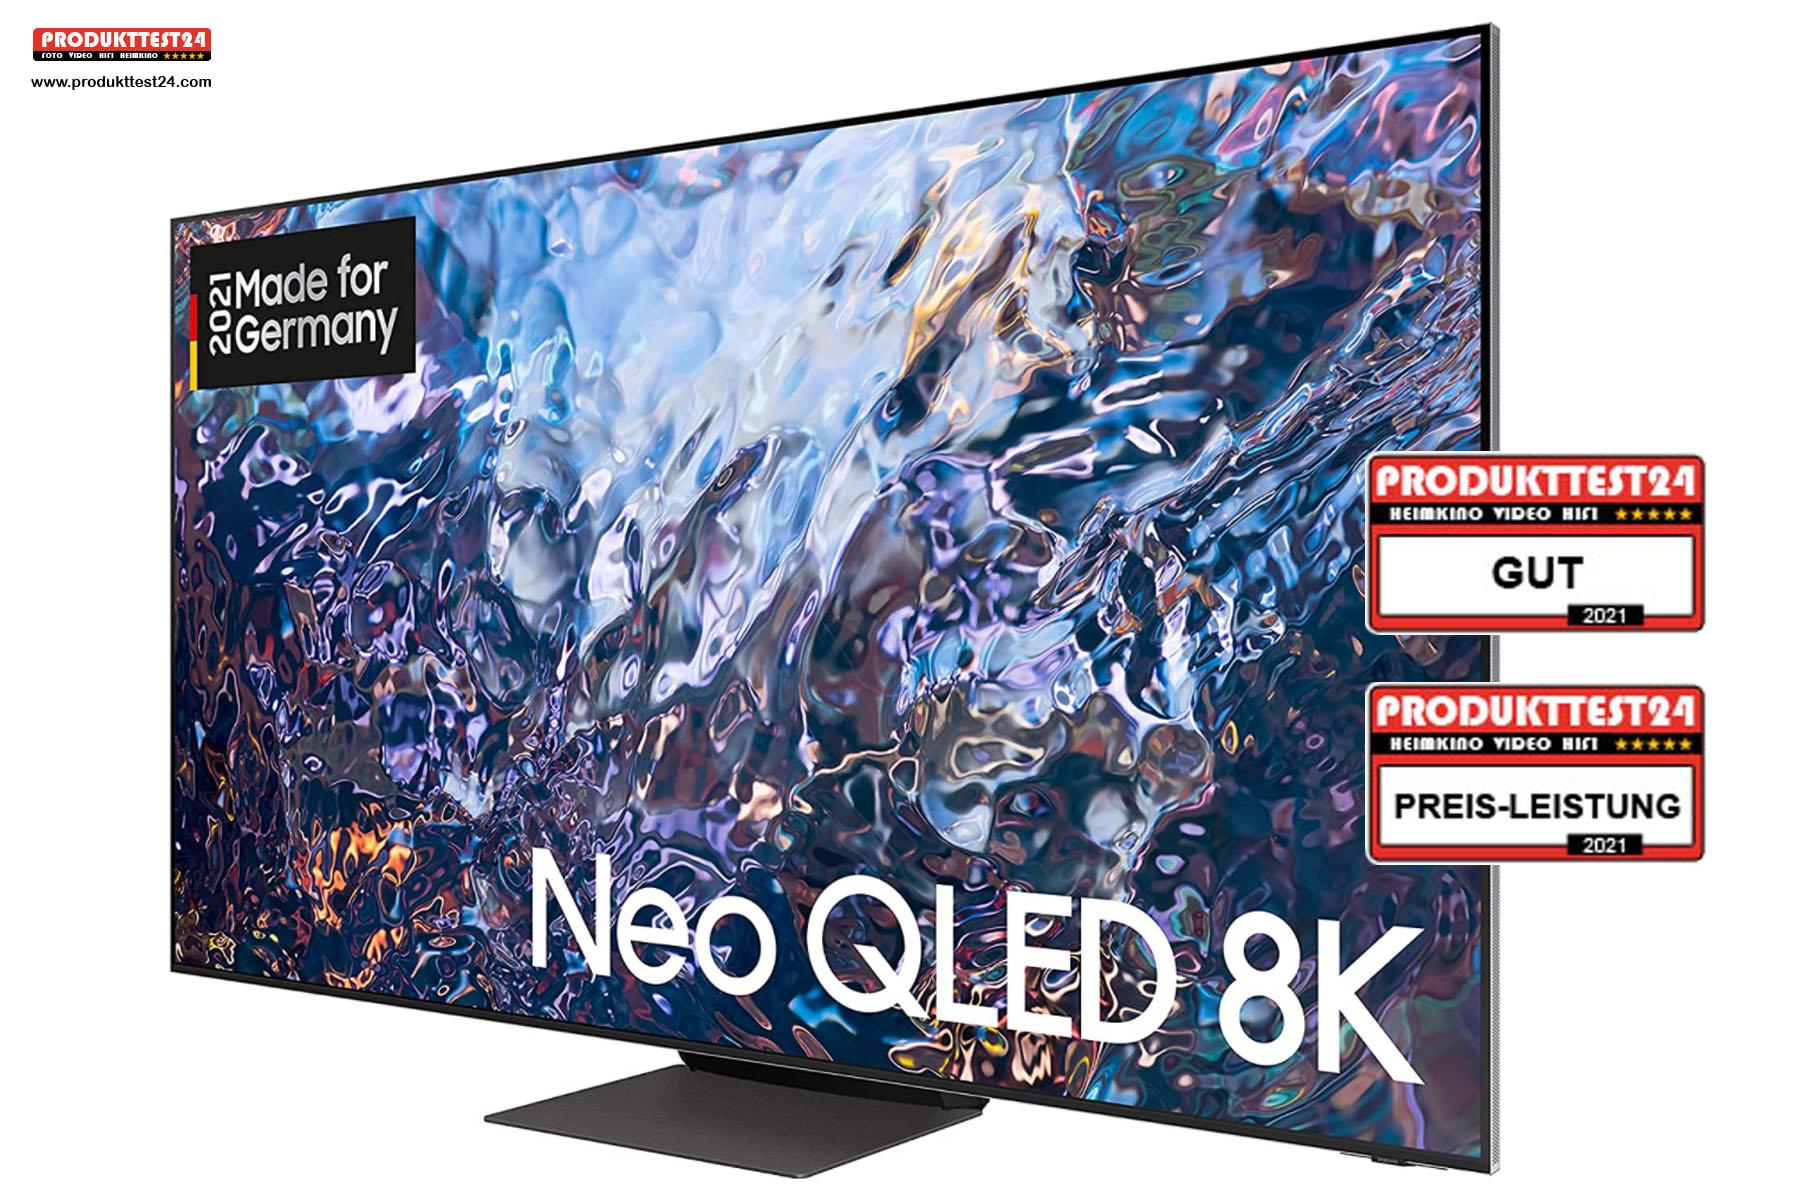 Der Samsung QN700A Neo QLED 8K-Fernseher - Testurteil: Gut!